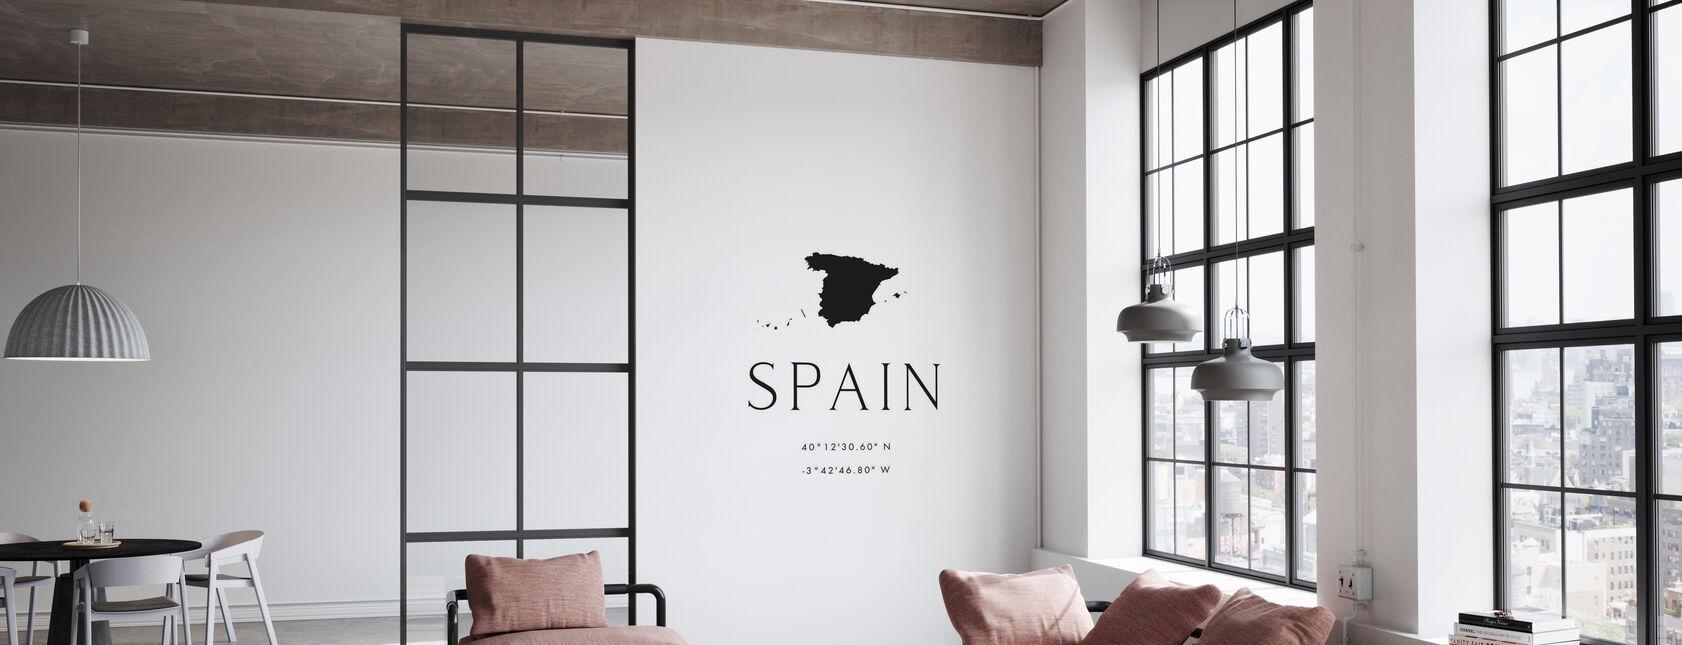 Spanje Coördinaten - Behang - Kantoor